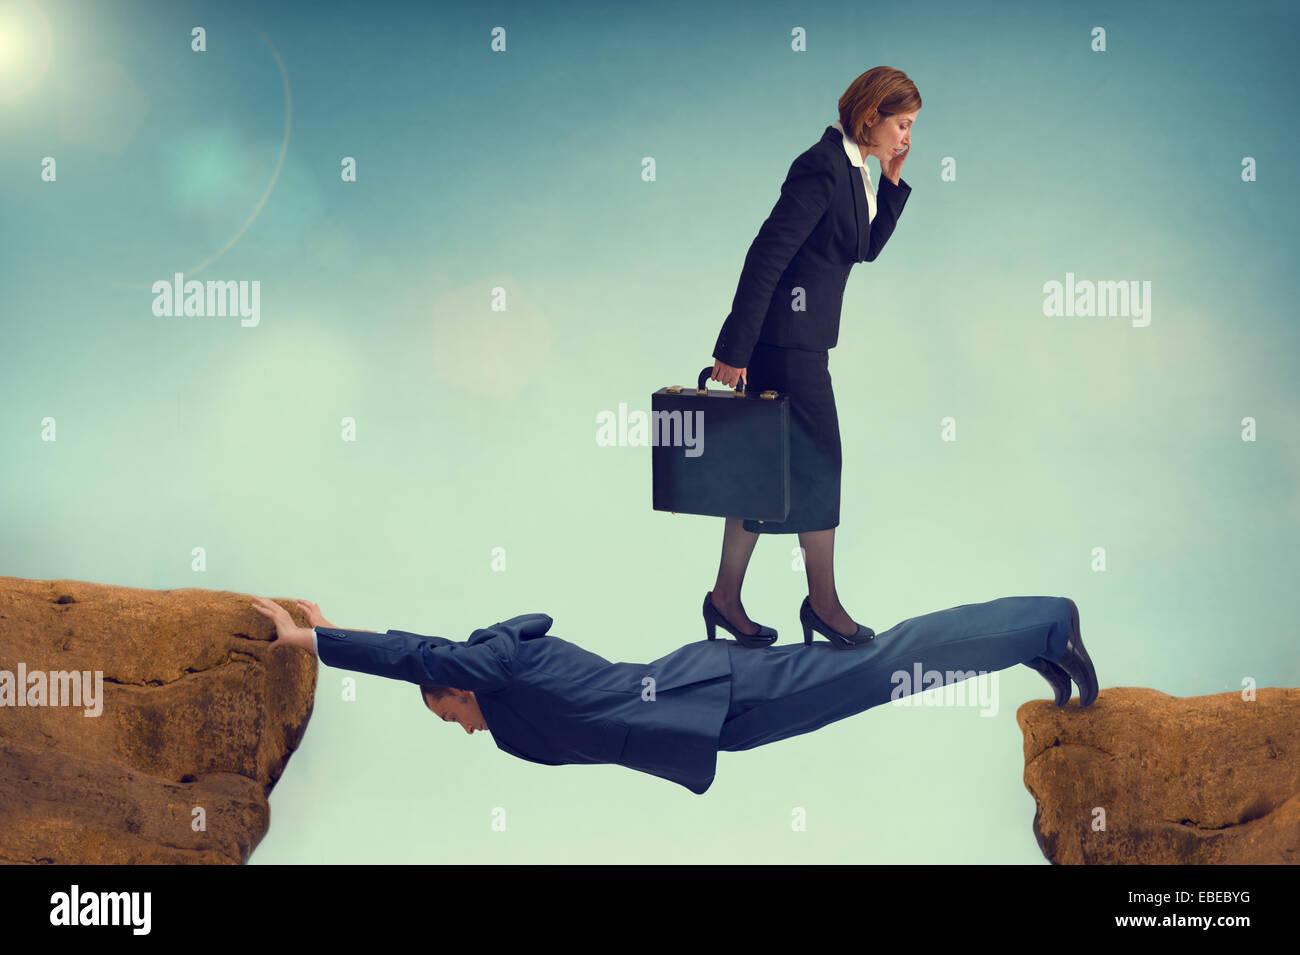 Spietato business donna cammina su un imprenditore vulnerabili - ambizione concept Immagini Stock